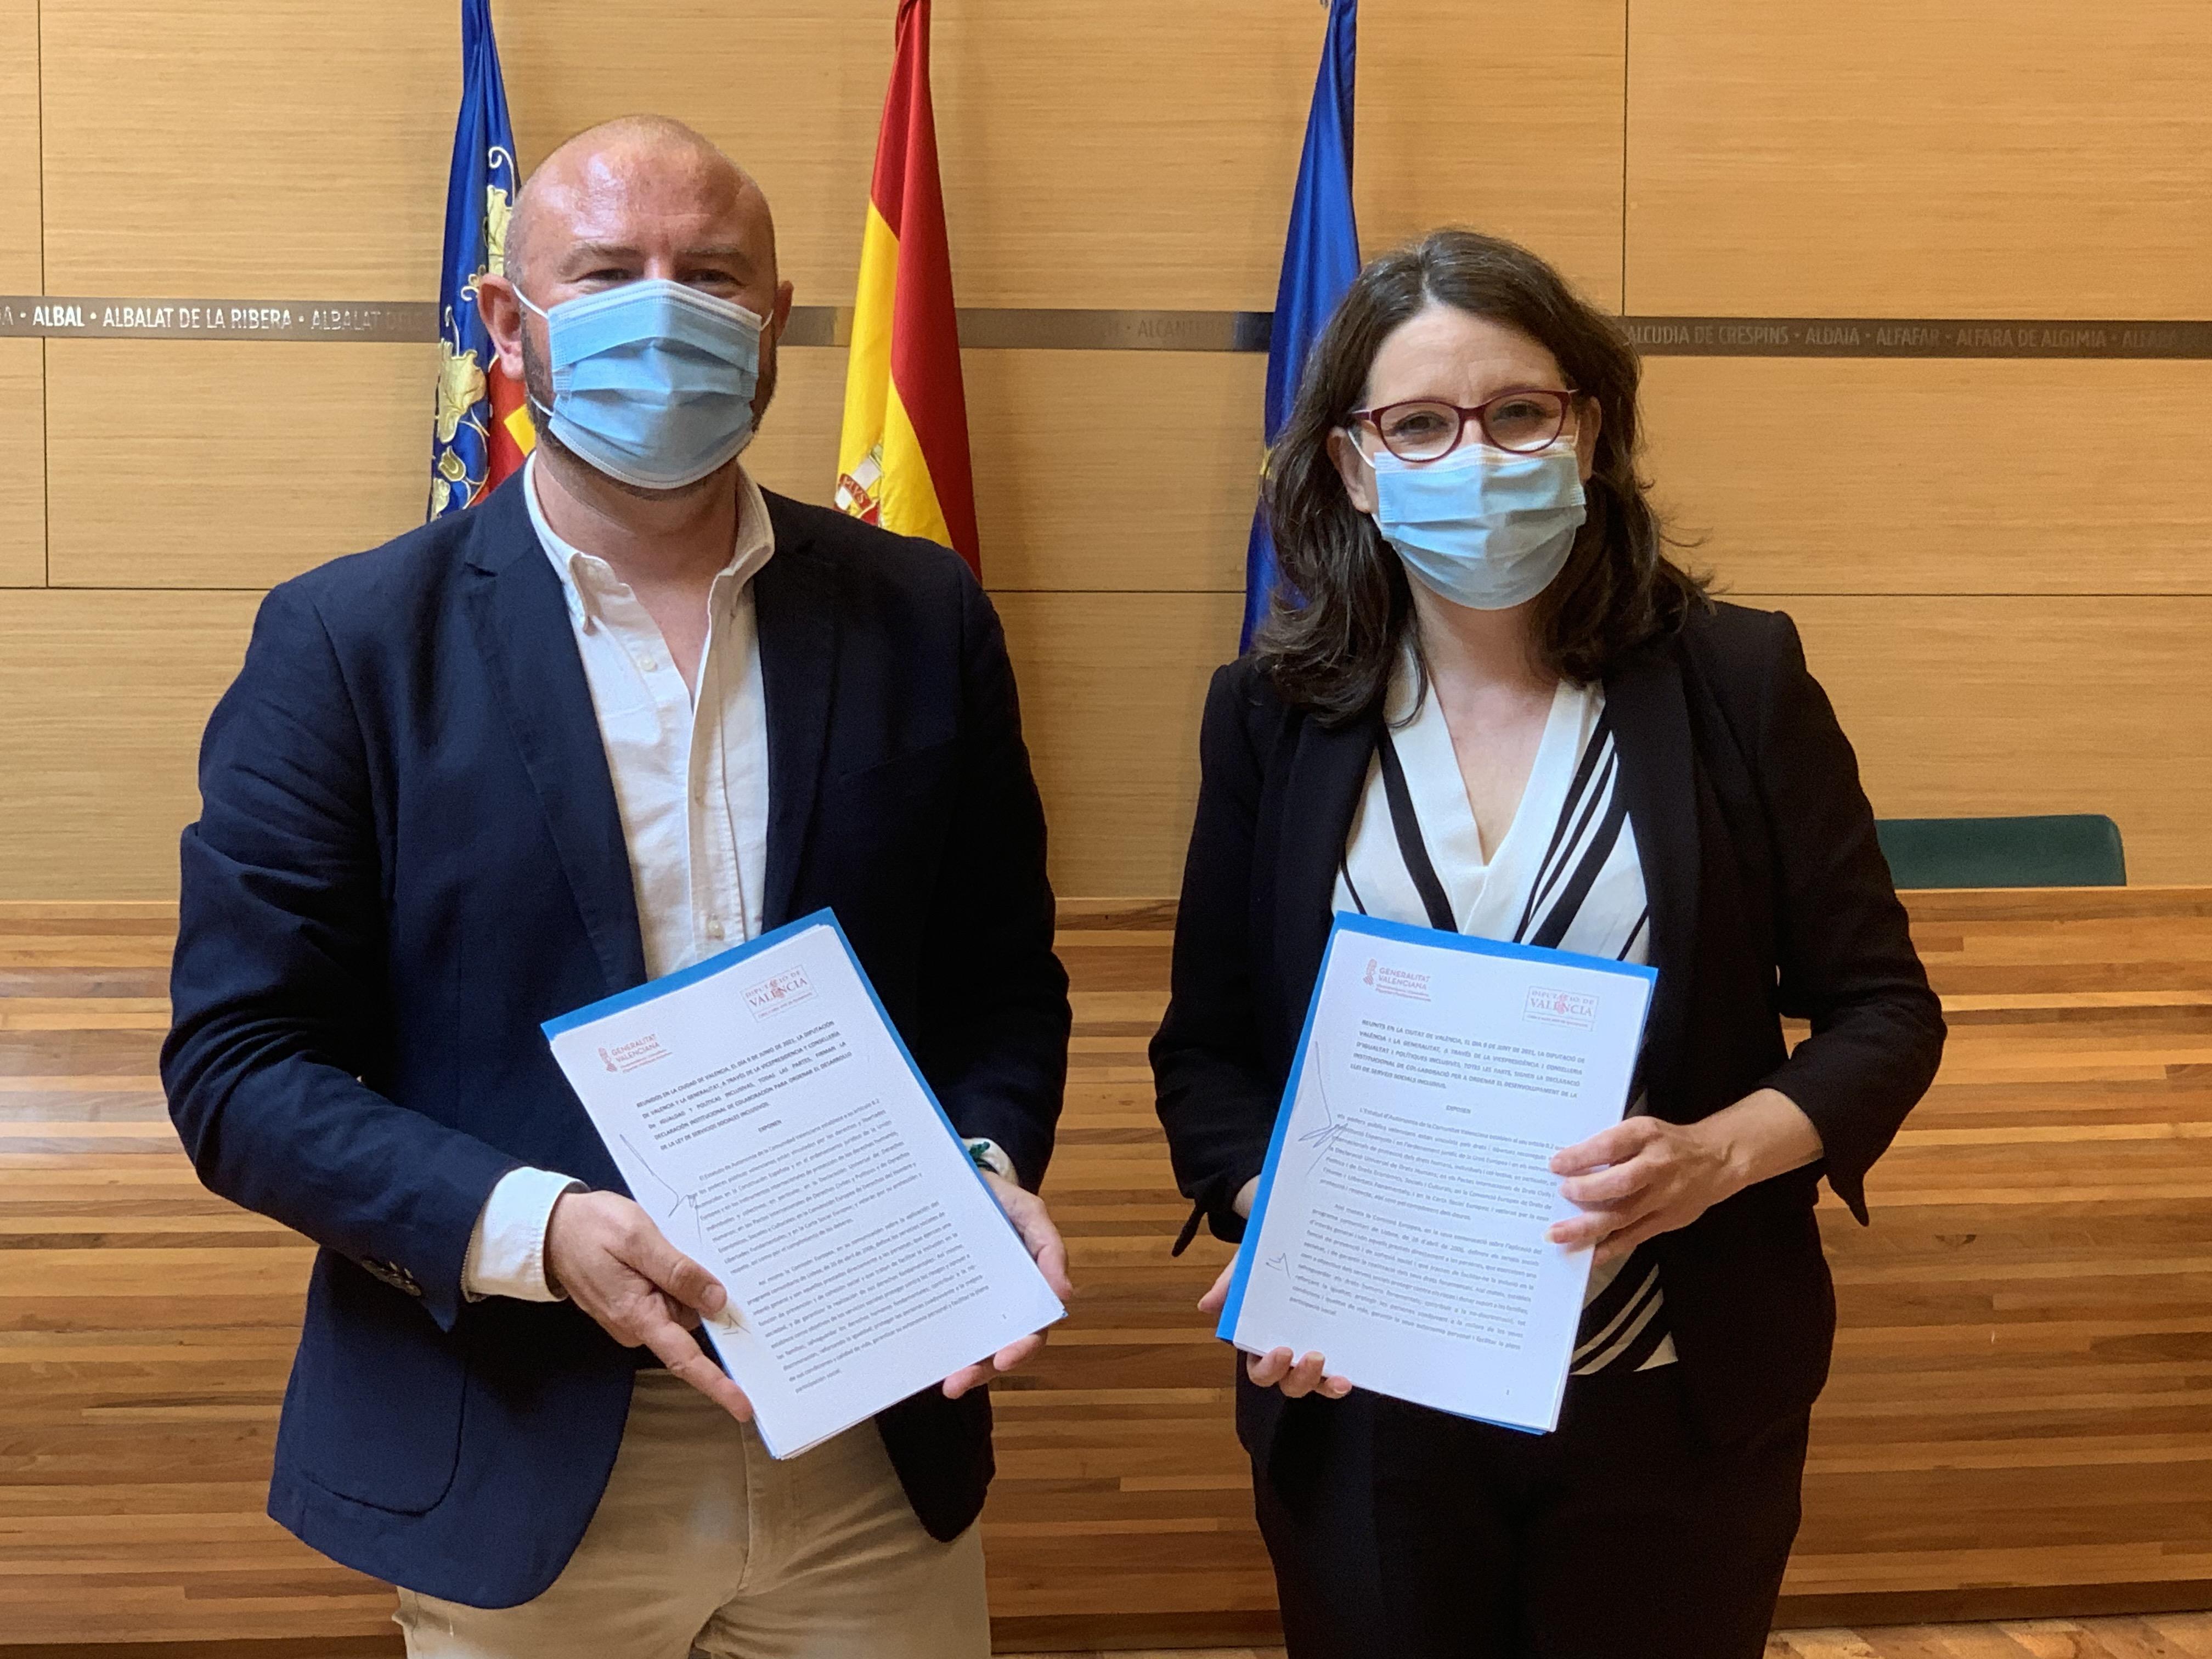 """Oltra: """"El conveni d""""Igualtat amb la Diputació de València serveix per a construir el Sistema de Serveis Socials públic en aquesta província"""""""